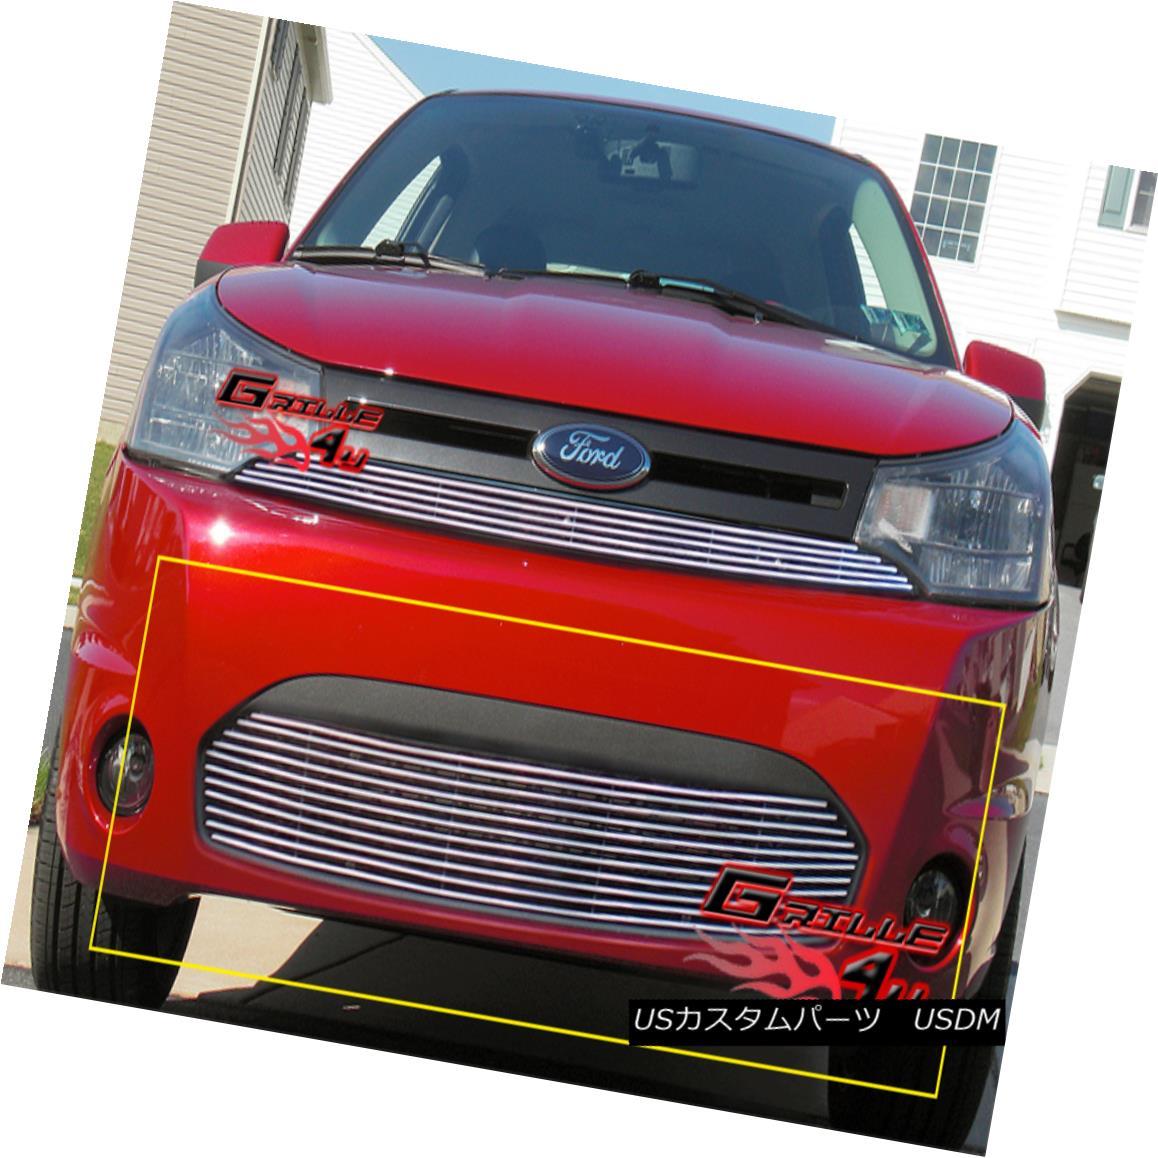 グリル Fits 2008-2011 Ford Focus Coupe Bumper Billet Grille Insert フィット2008年から2011年フォードフォーカスクーペバンパービレットグリルインサート